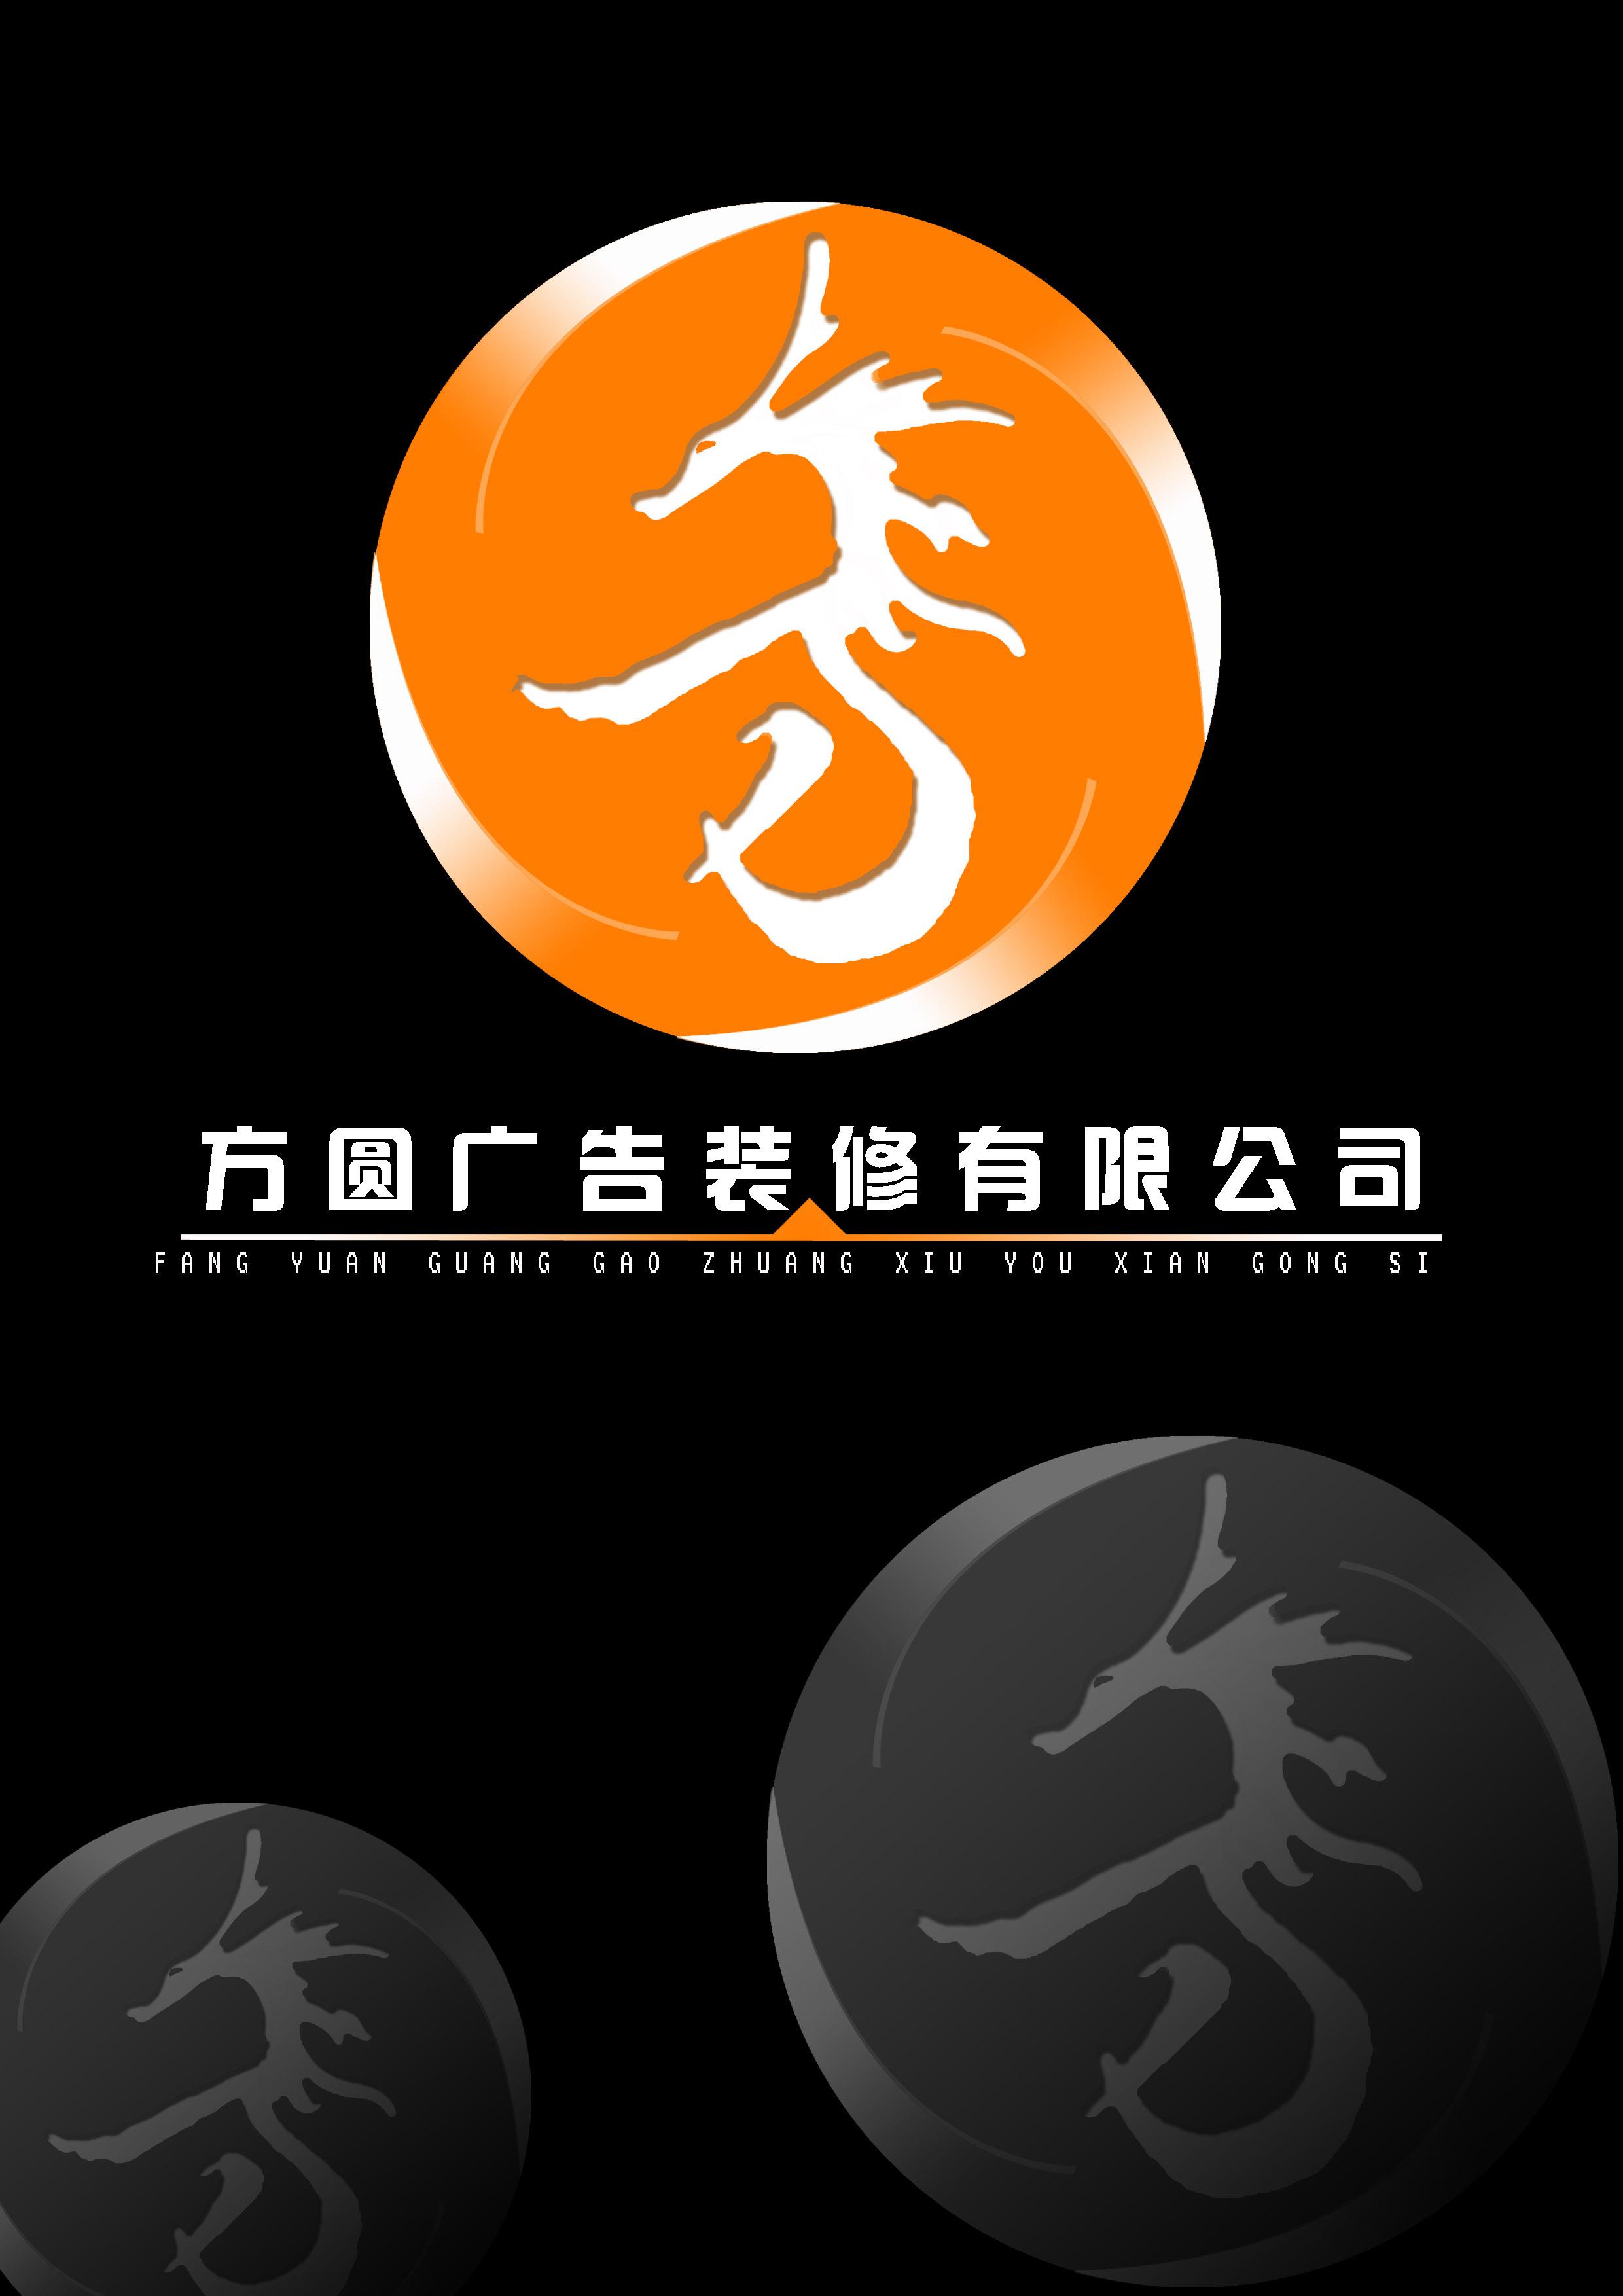 方圆广告装修公司logo及名片设计